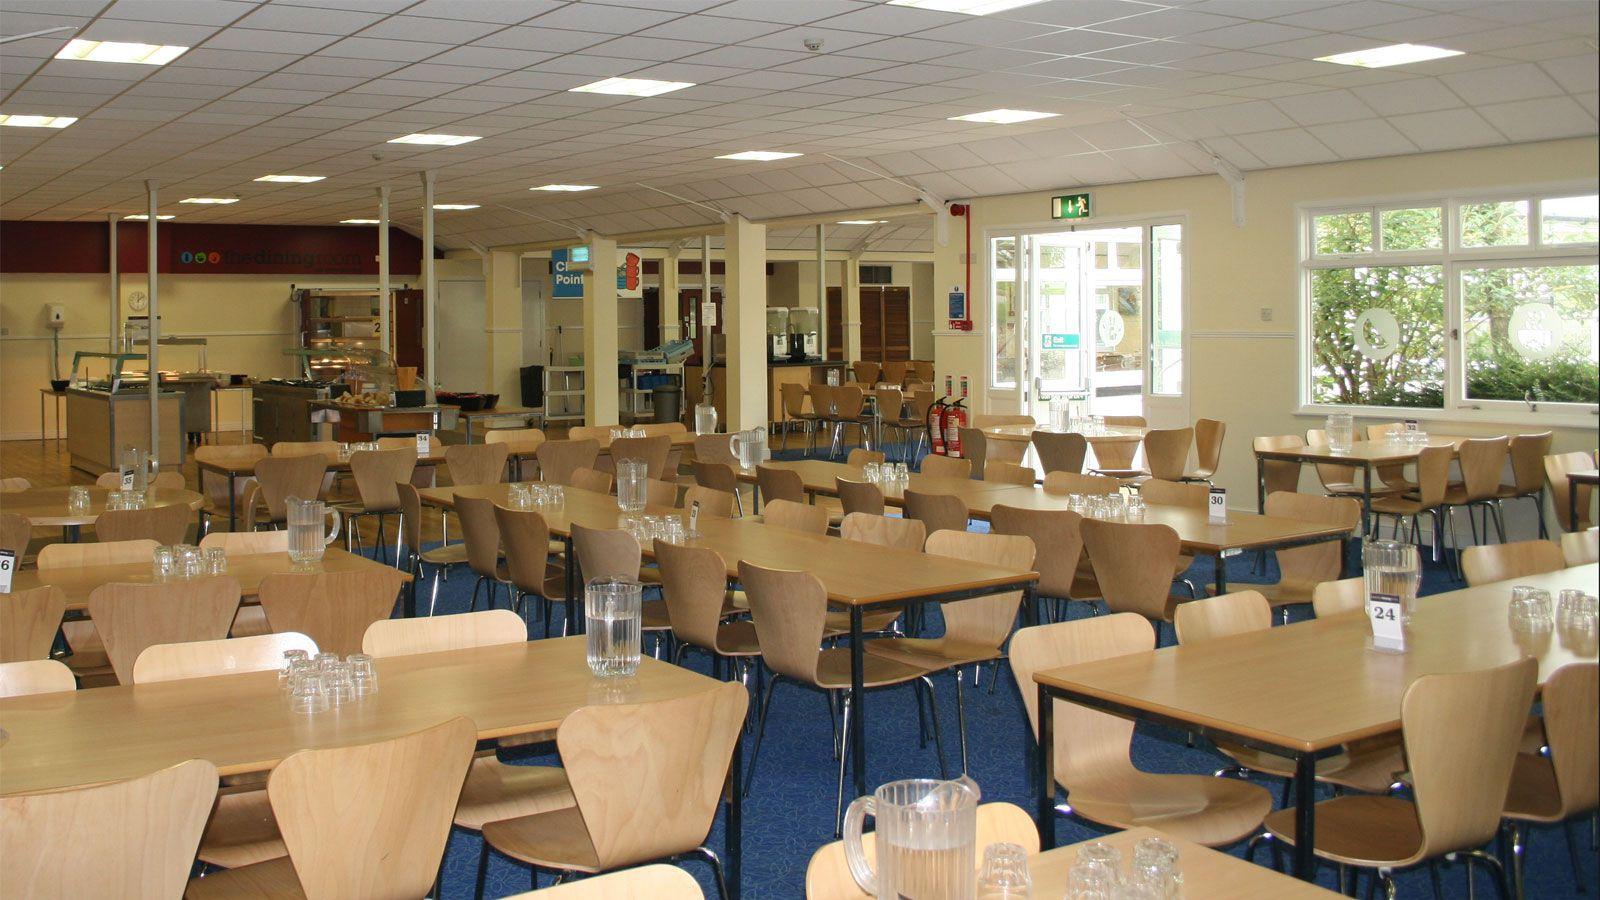 Osmington bay adventure centre dorset primary school trips for Best restaurants with rooms uk